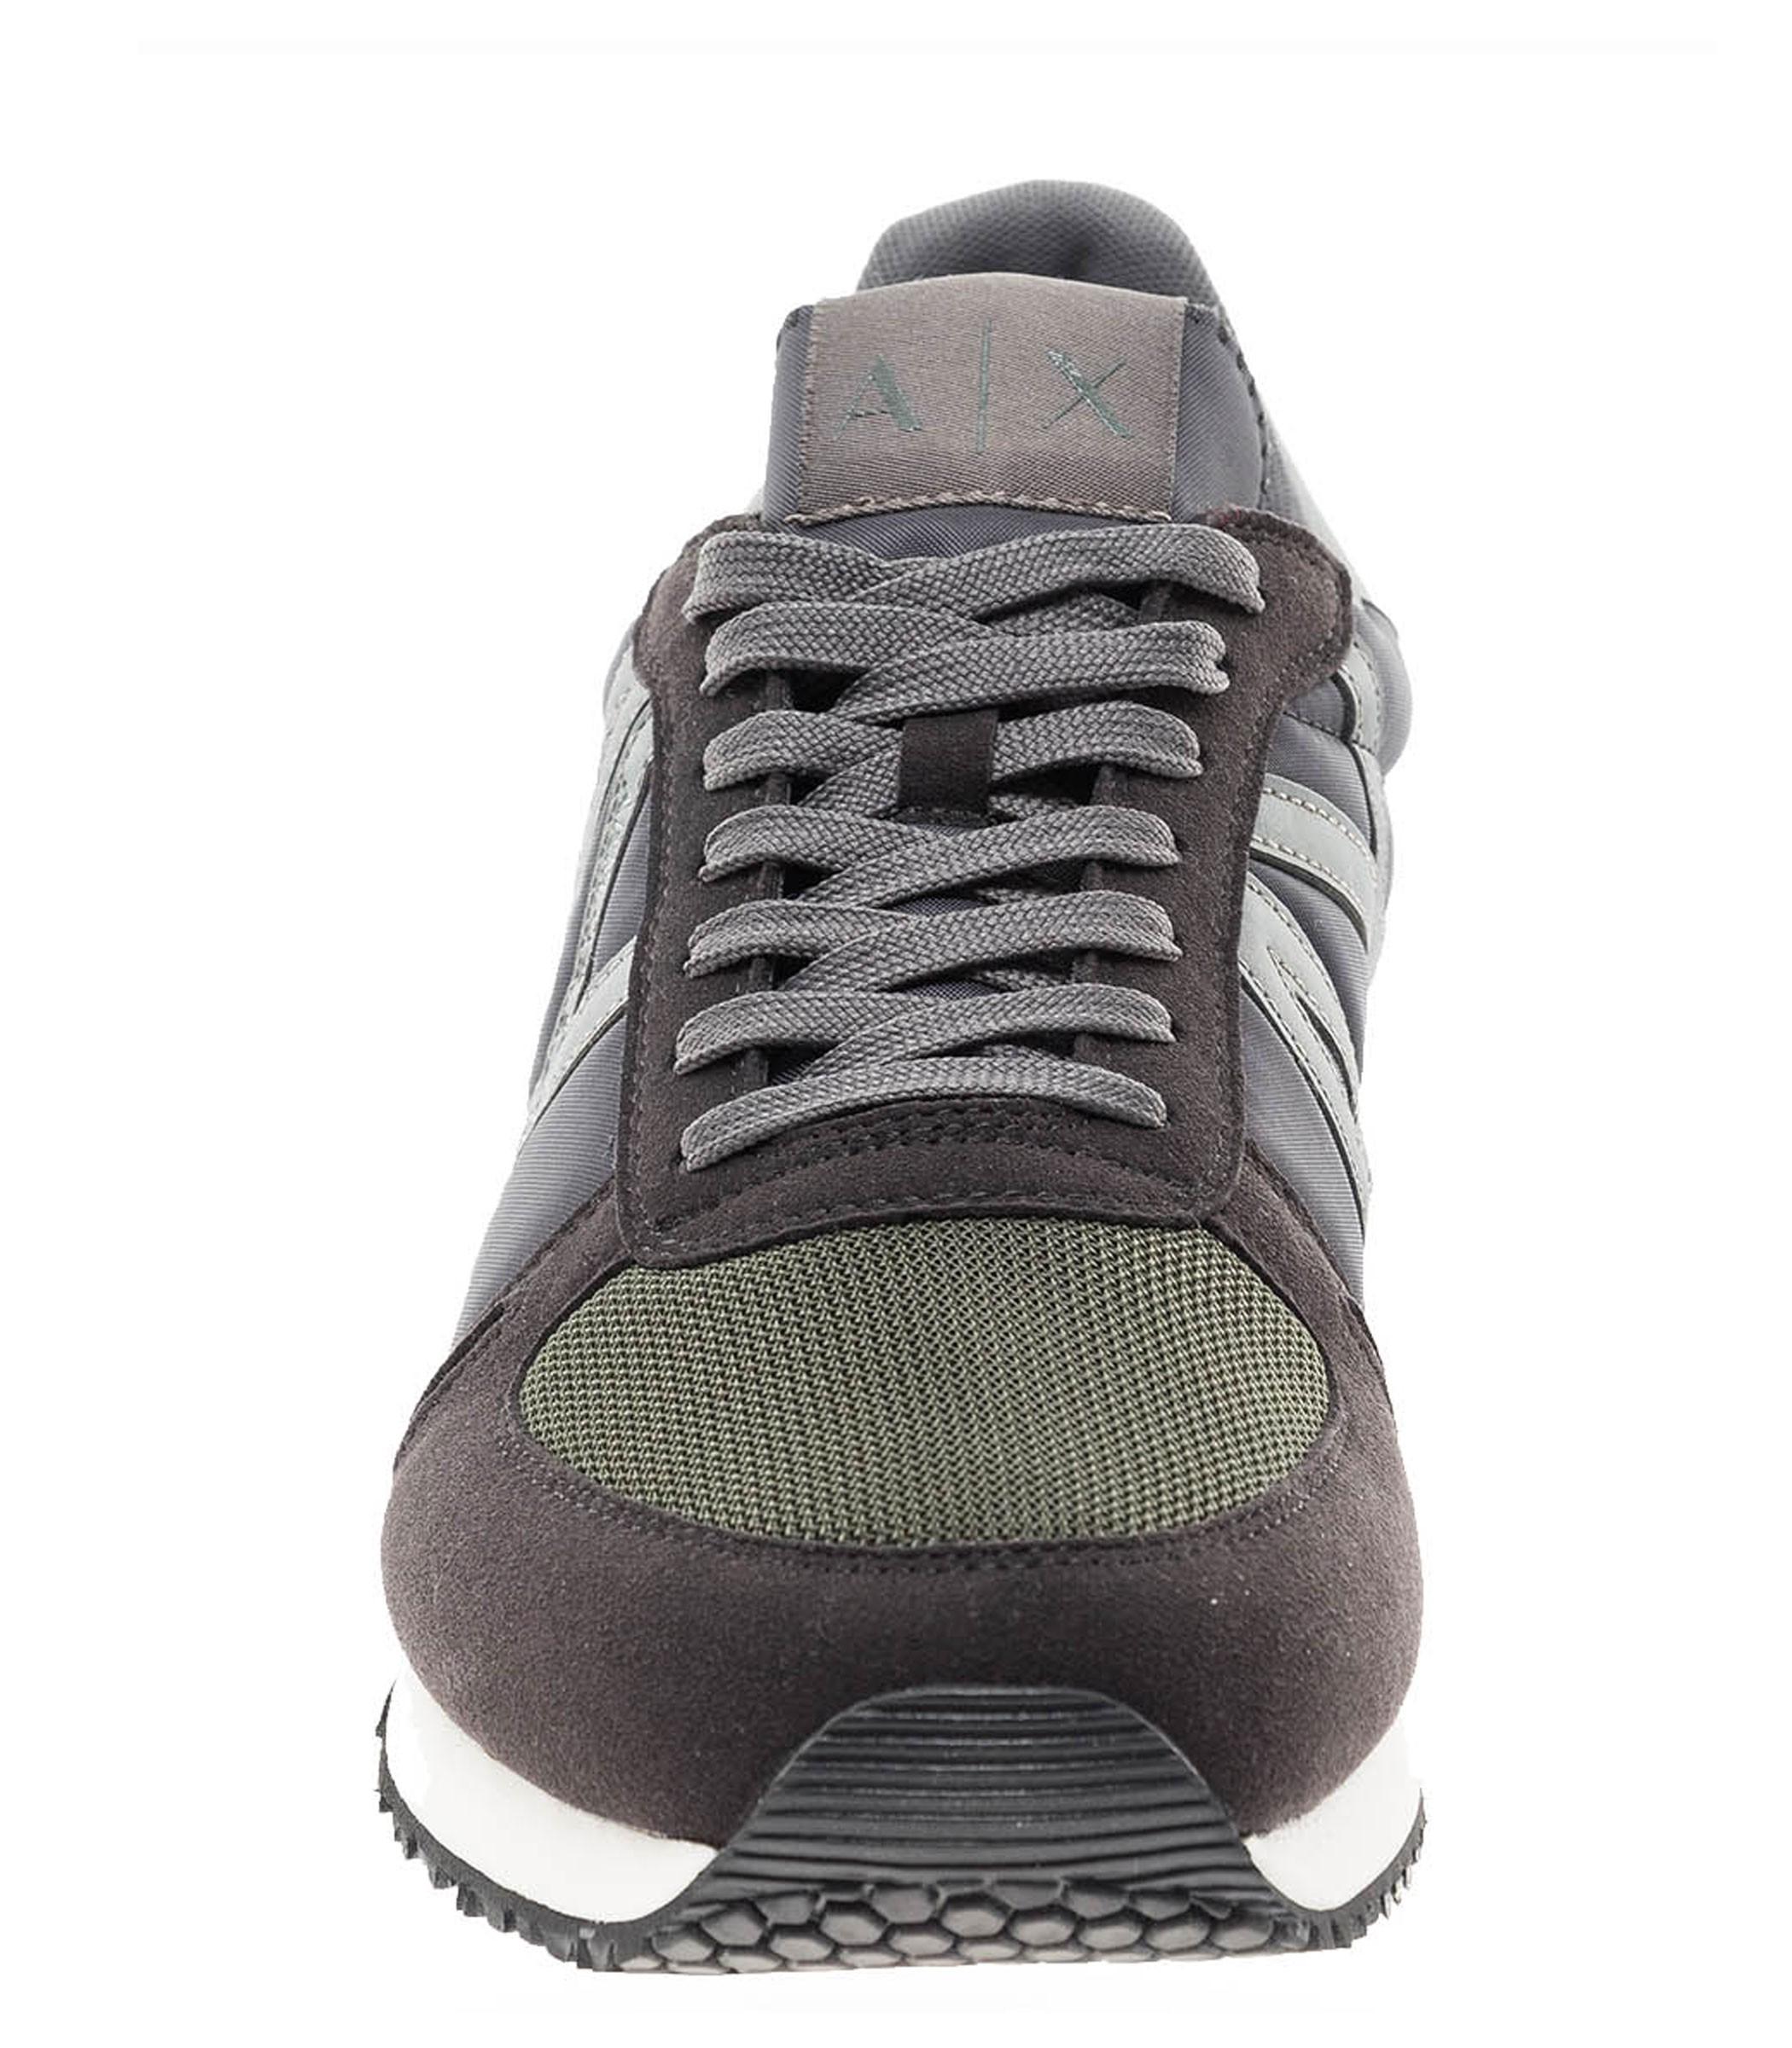 XUX017 XV028 Scarpe da uomo Armani Exchange colore nero con inserti in  camoscio Rif. 42d9e3a211e